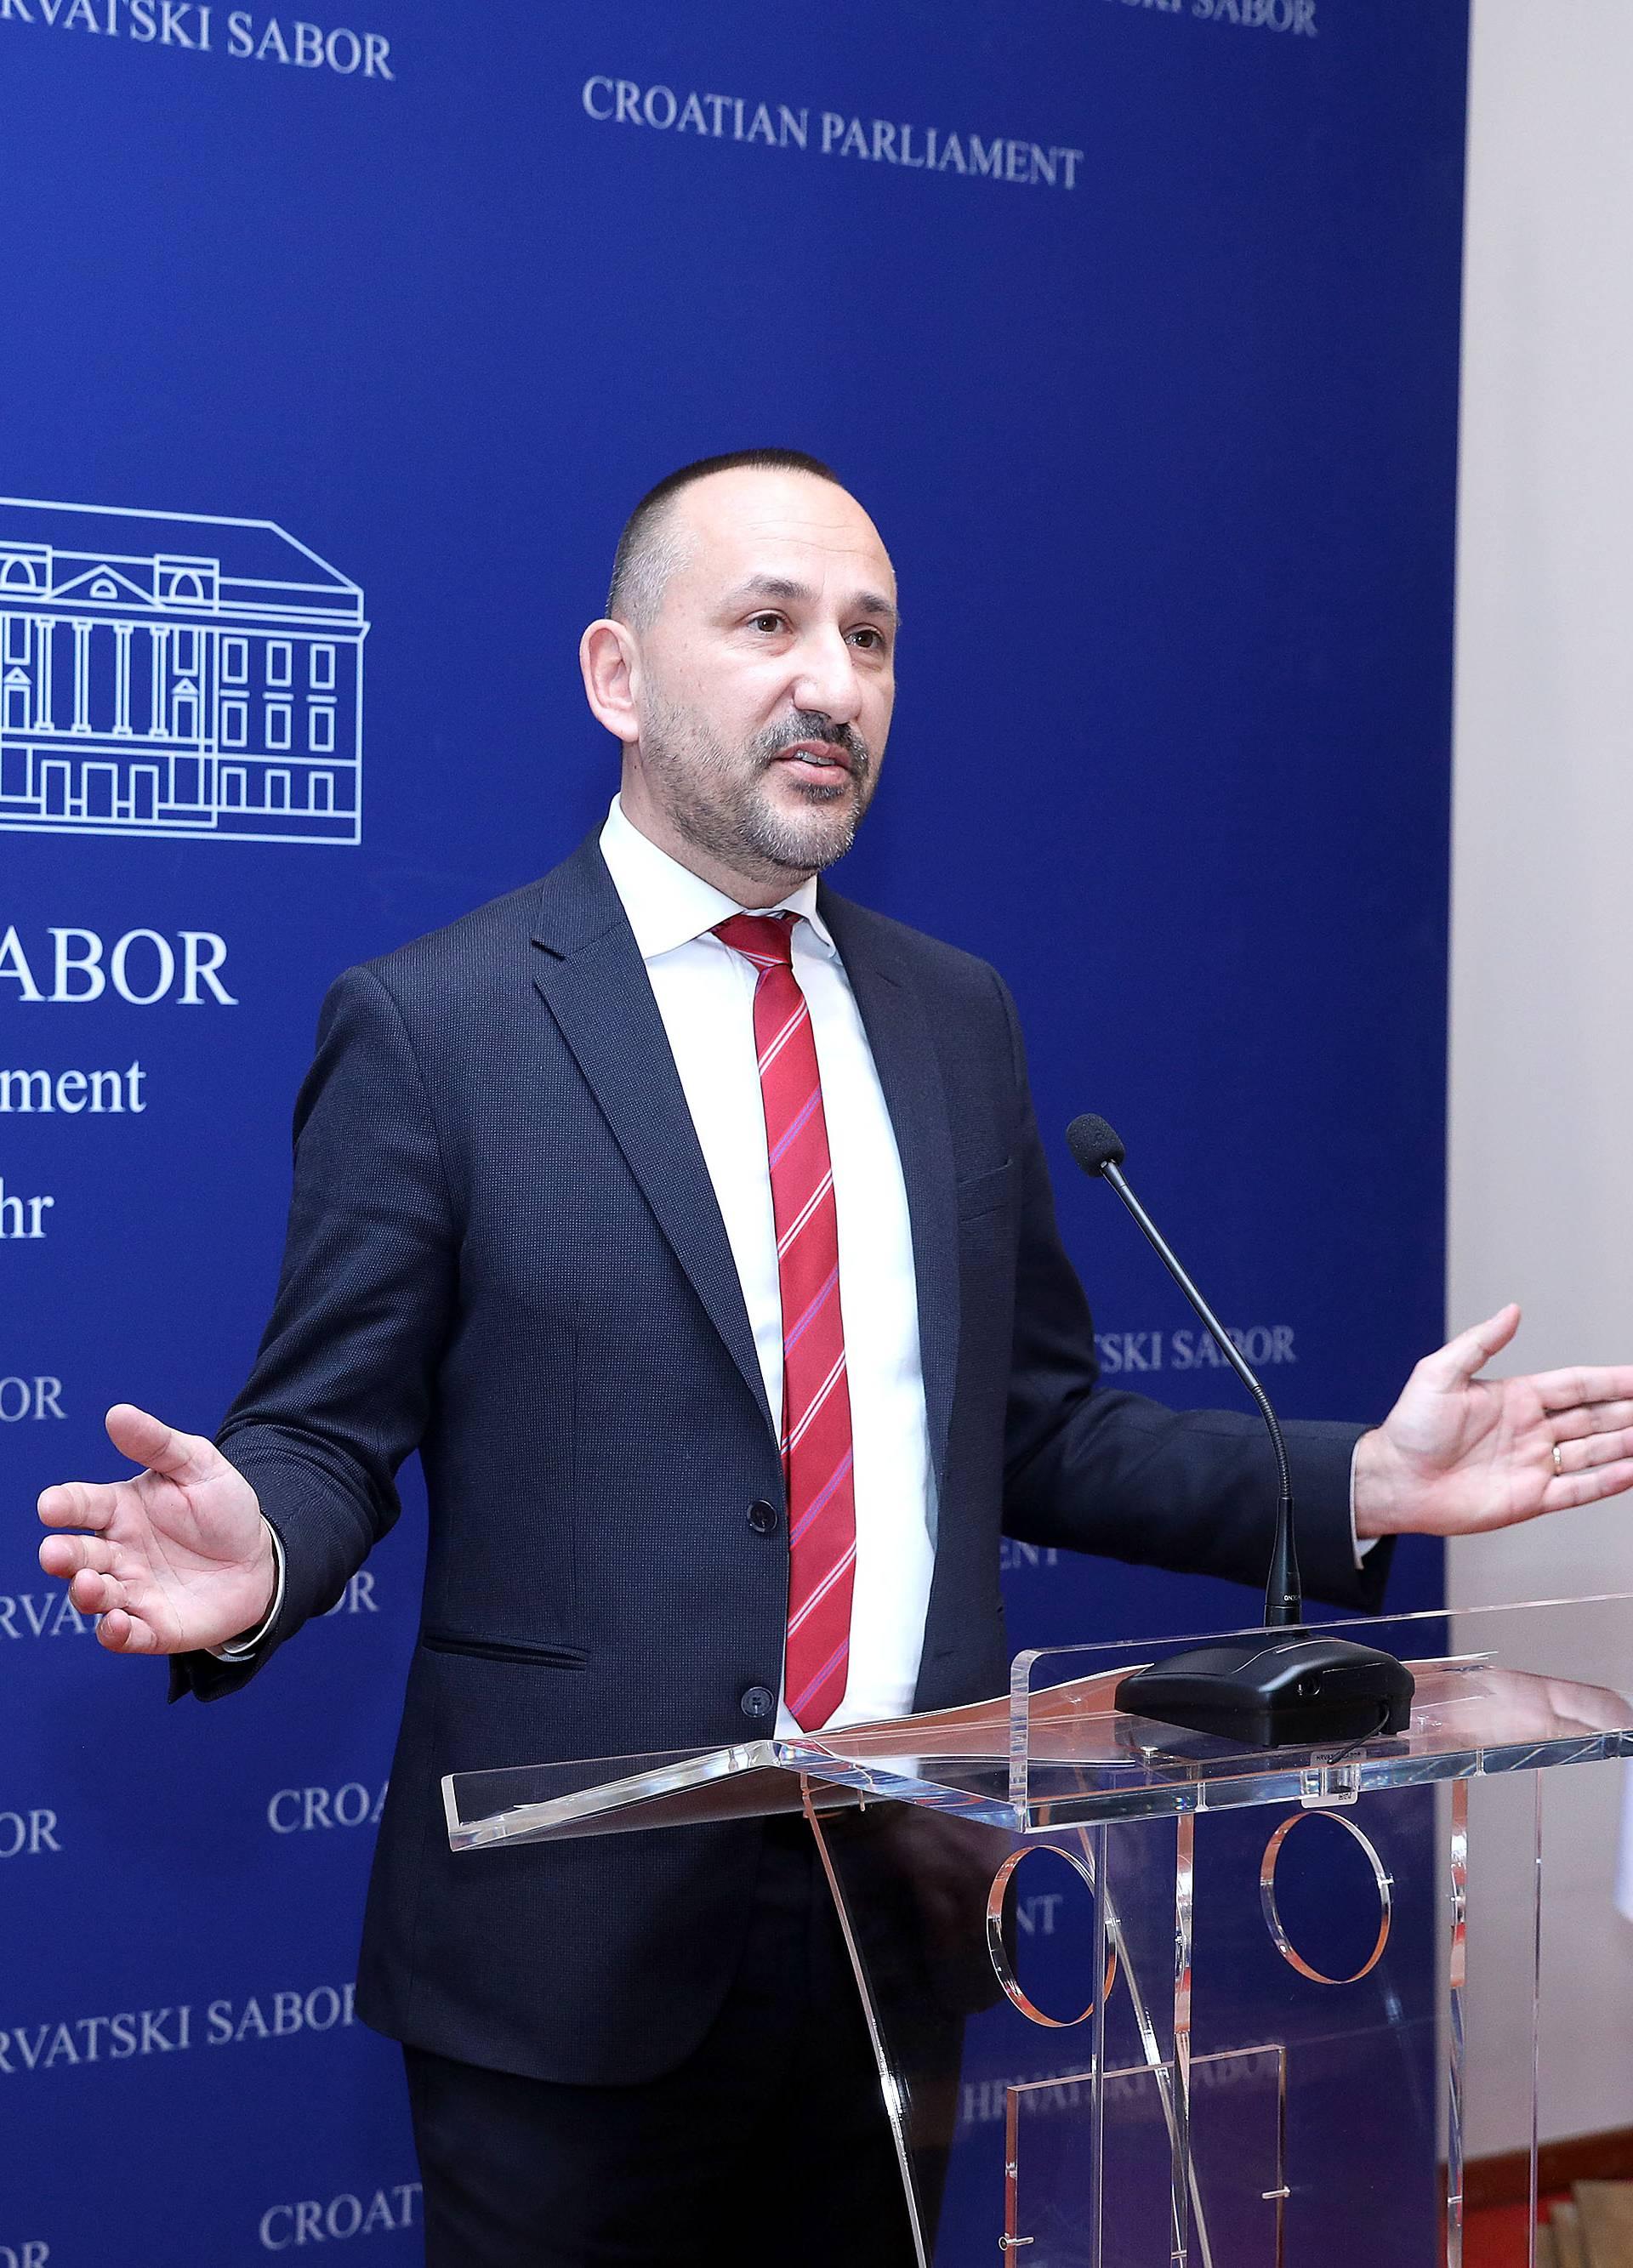 Zagreb: Hrvoje Zekanović s Ružom Tomašić traži blokadu pregovora sa Srbijom o ulasku u EU